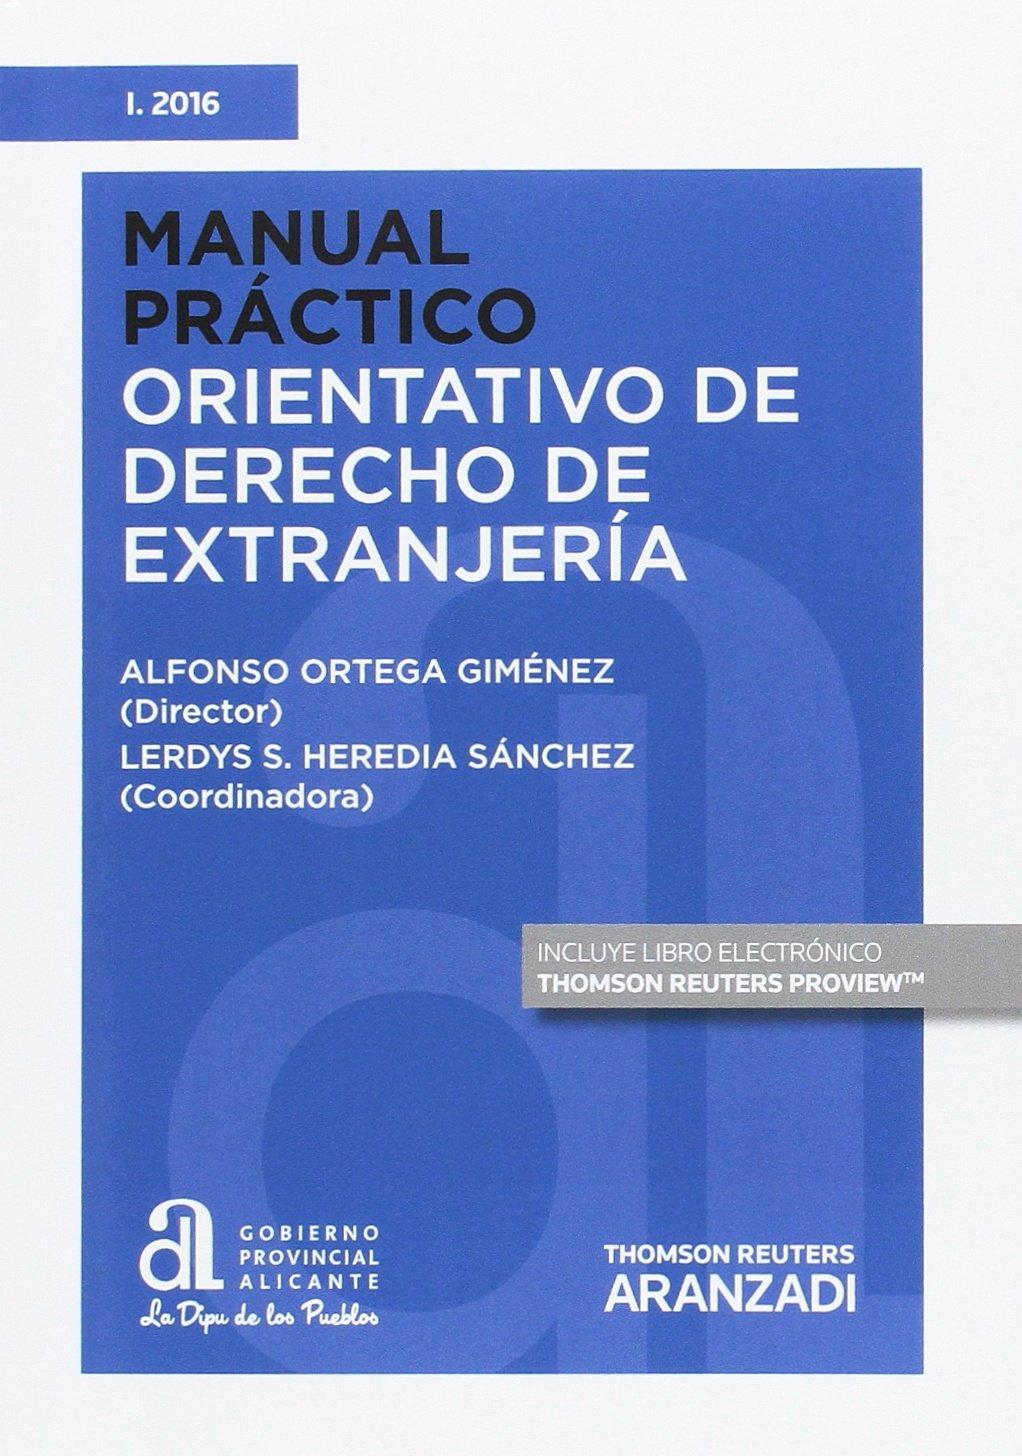 Manual práctico orientativo de derecho de extranjeria Monografía: Amazon.es: Alfonso Ortega Giménez (Dir.): Libros